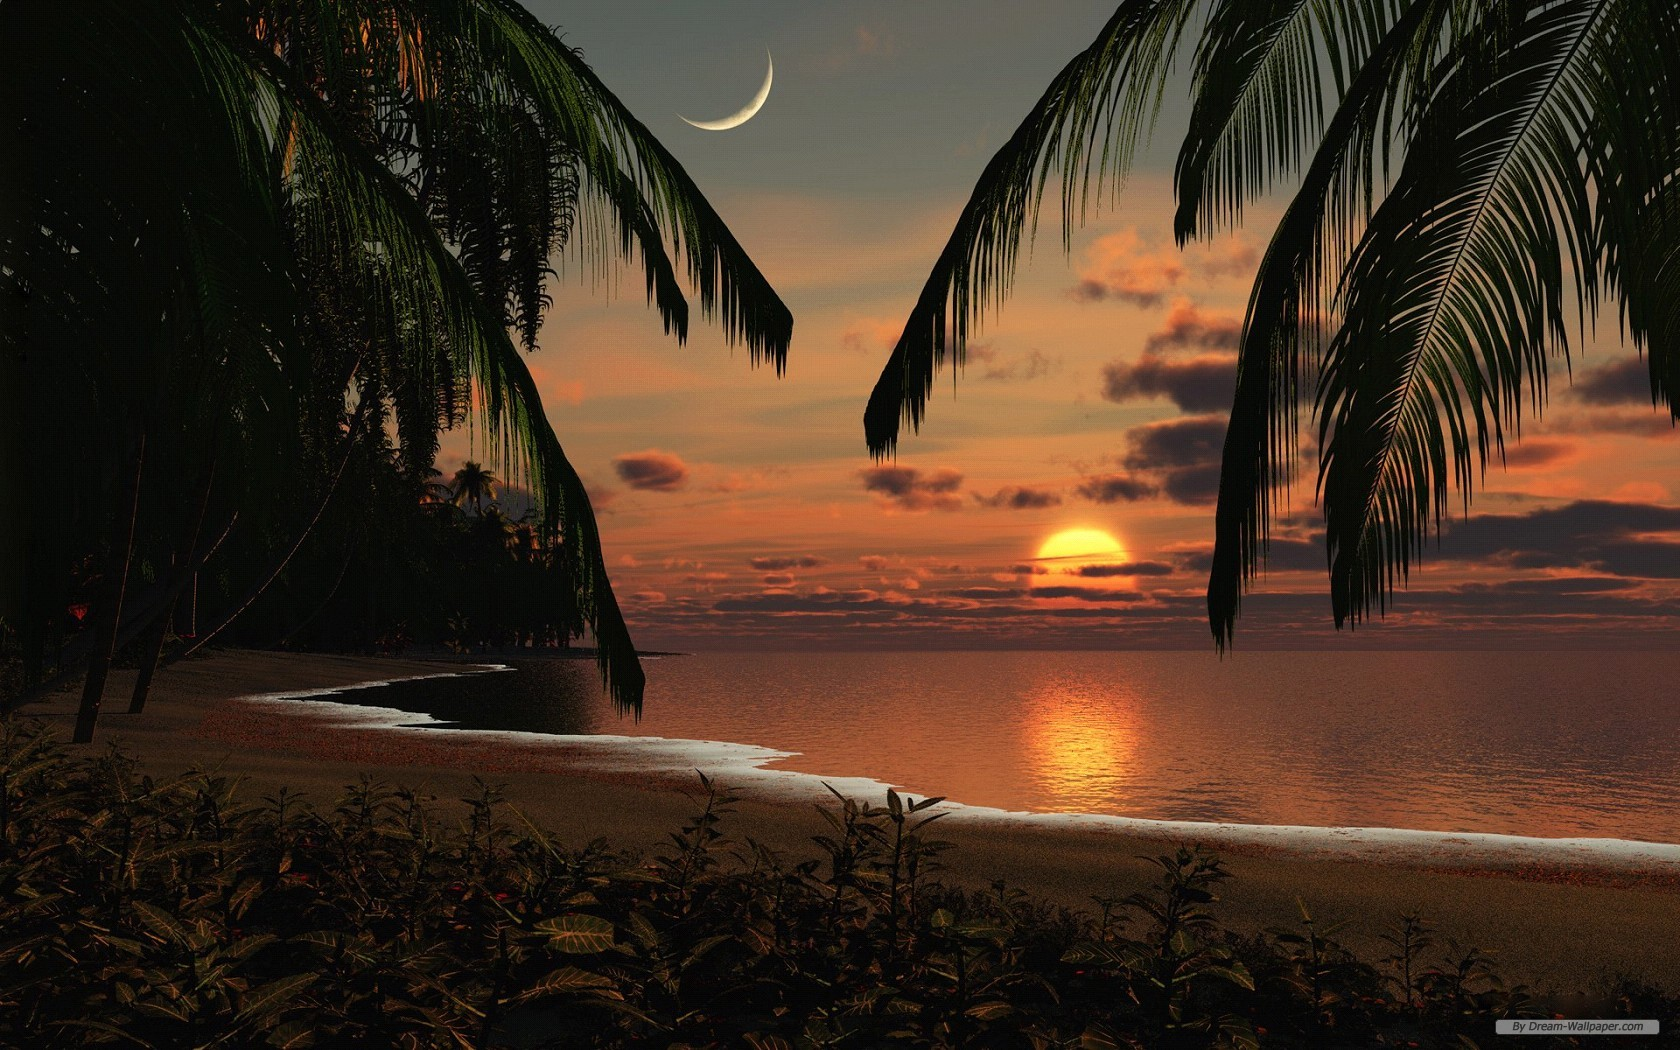 Wallpaper Free Nature Wallpaper 3d Landscape Desktop - Sun Beach Palm Trees - HD Wallpaper